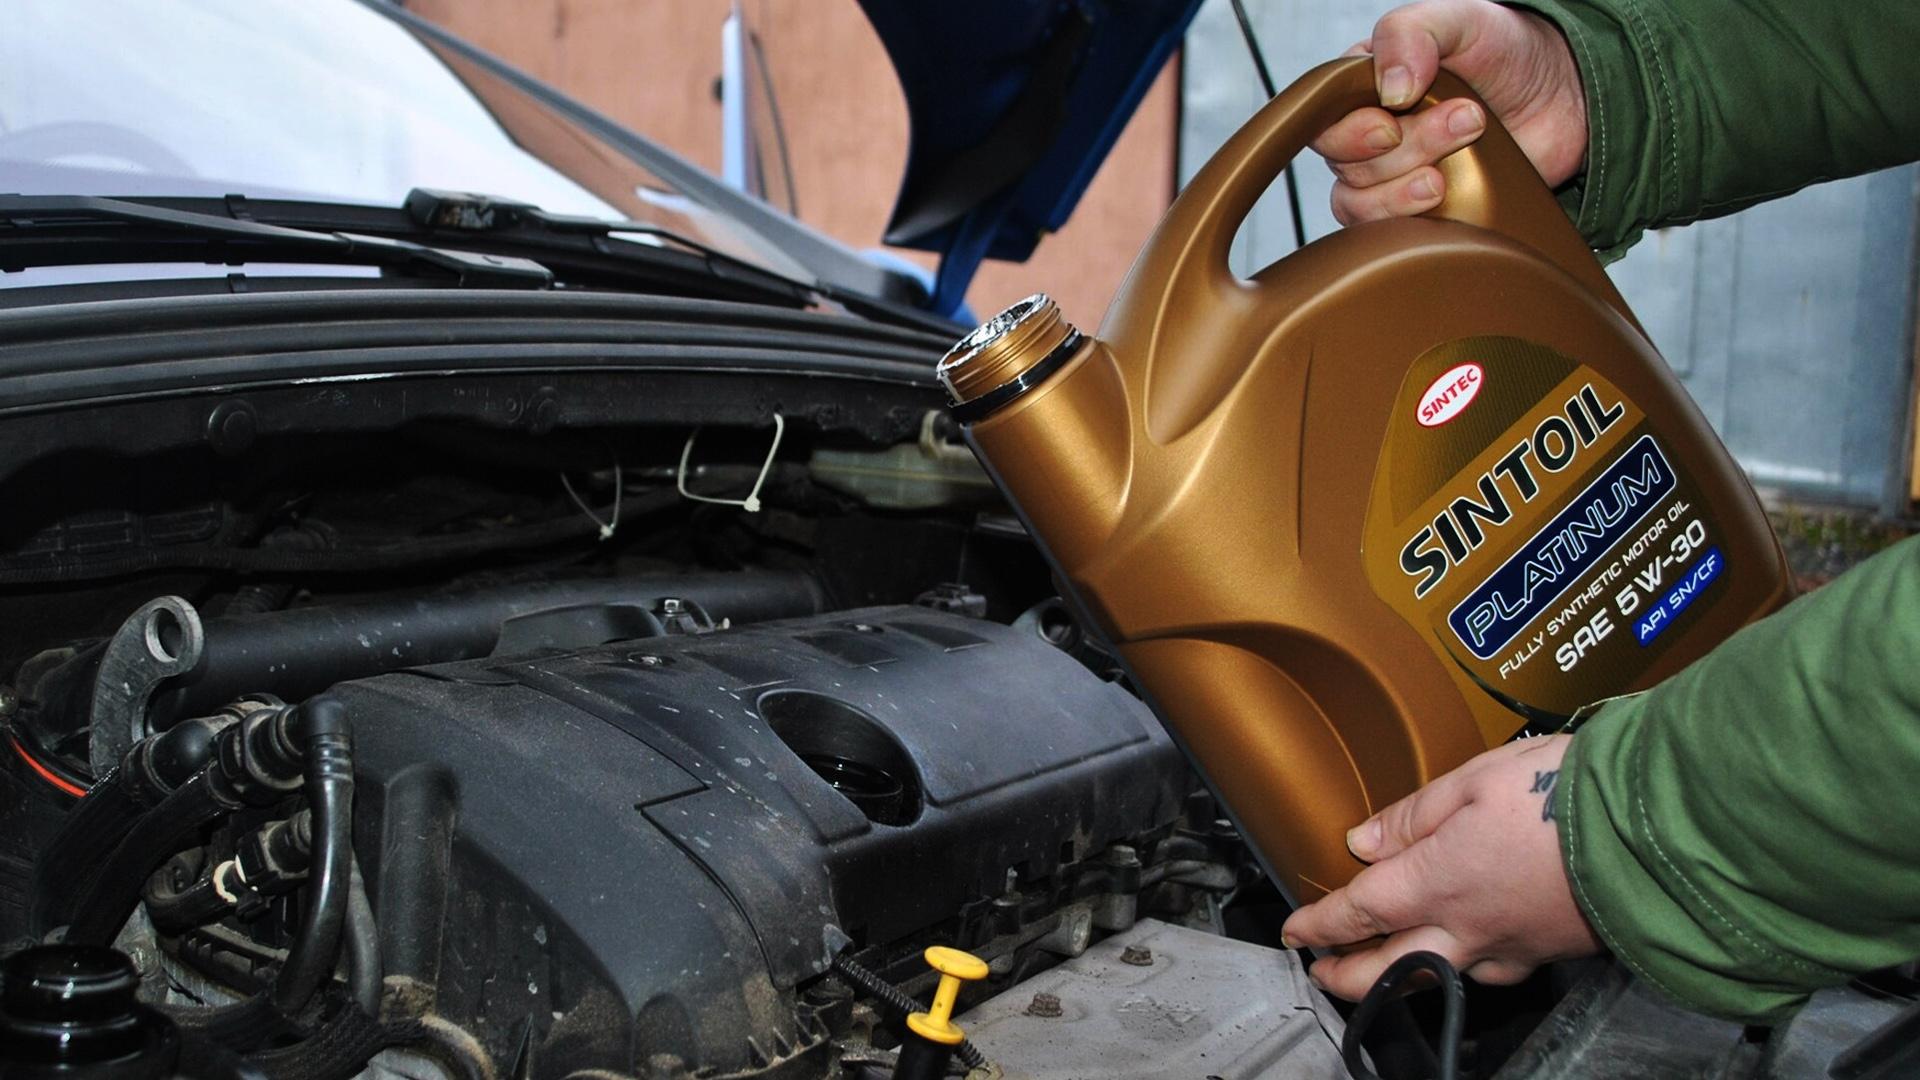 Моторное масло для двигателей авто Sintec Sintoil